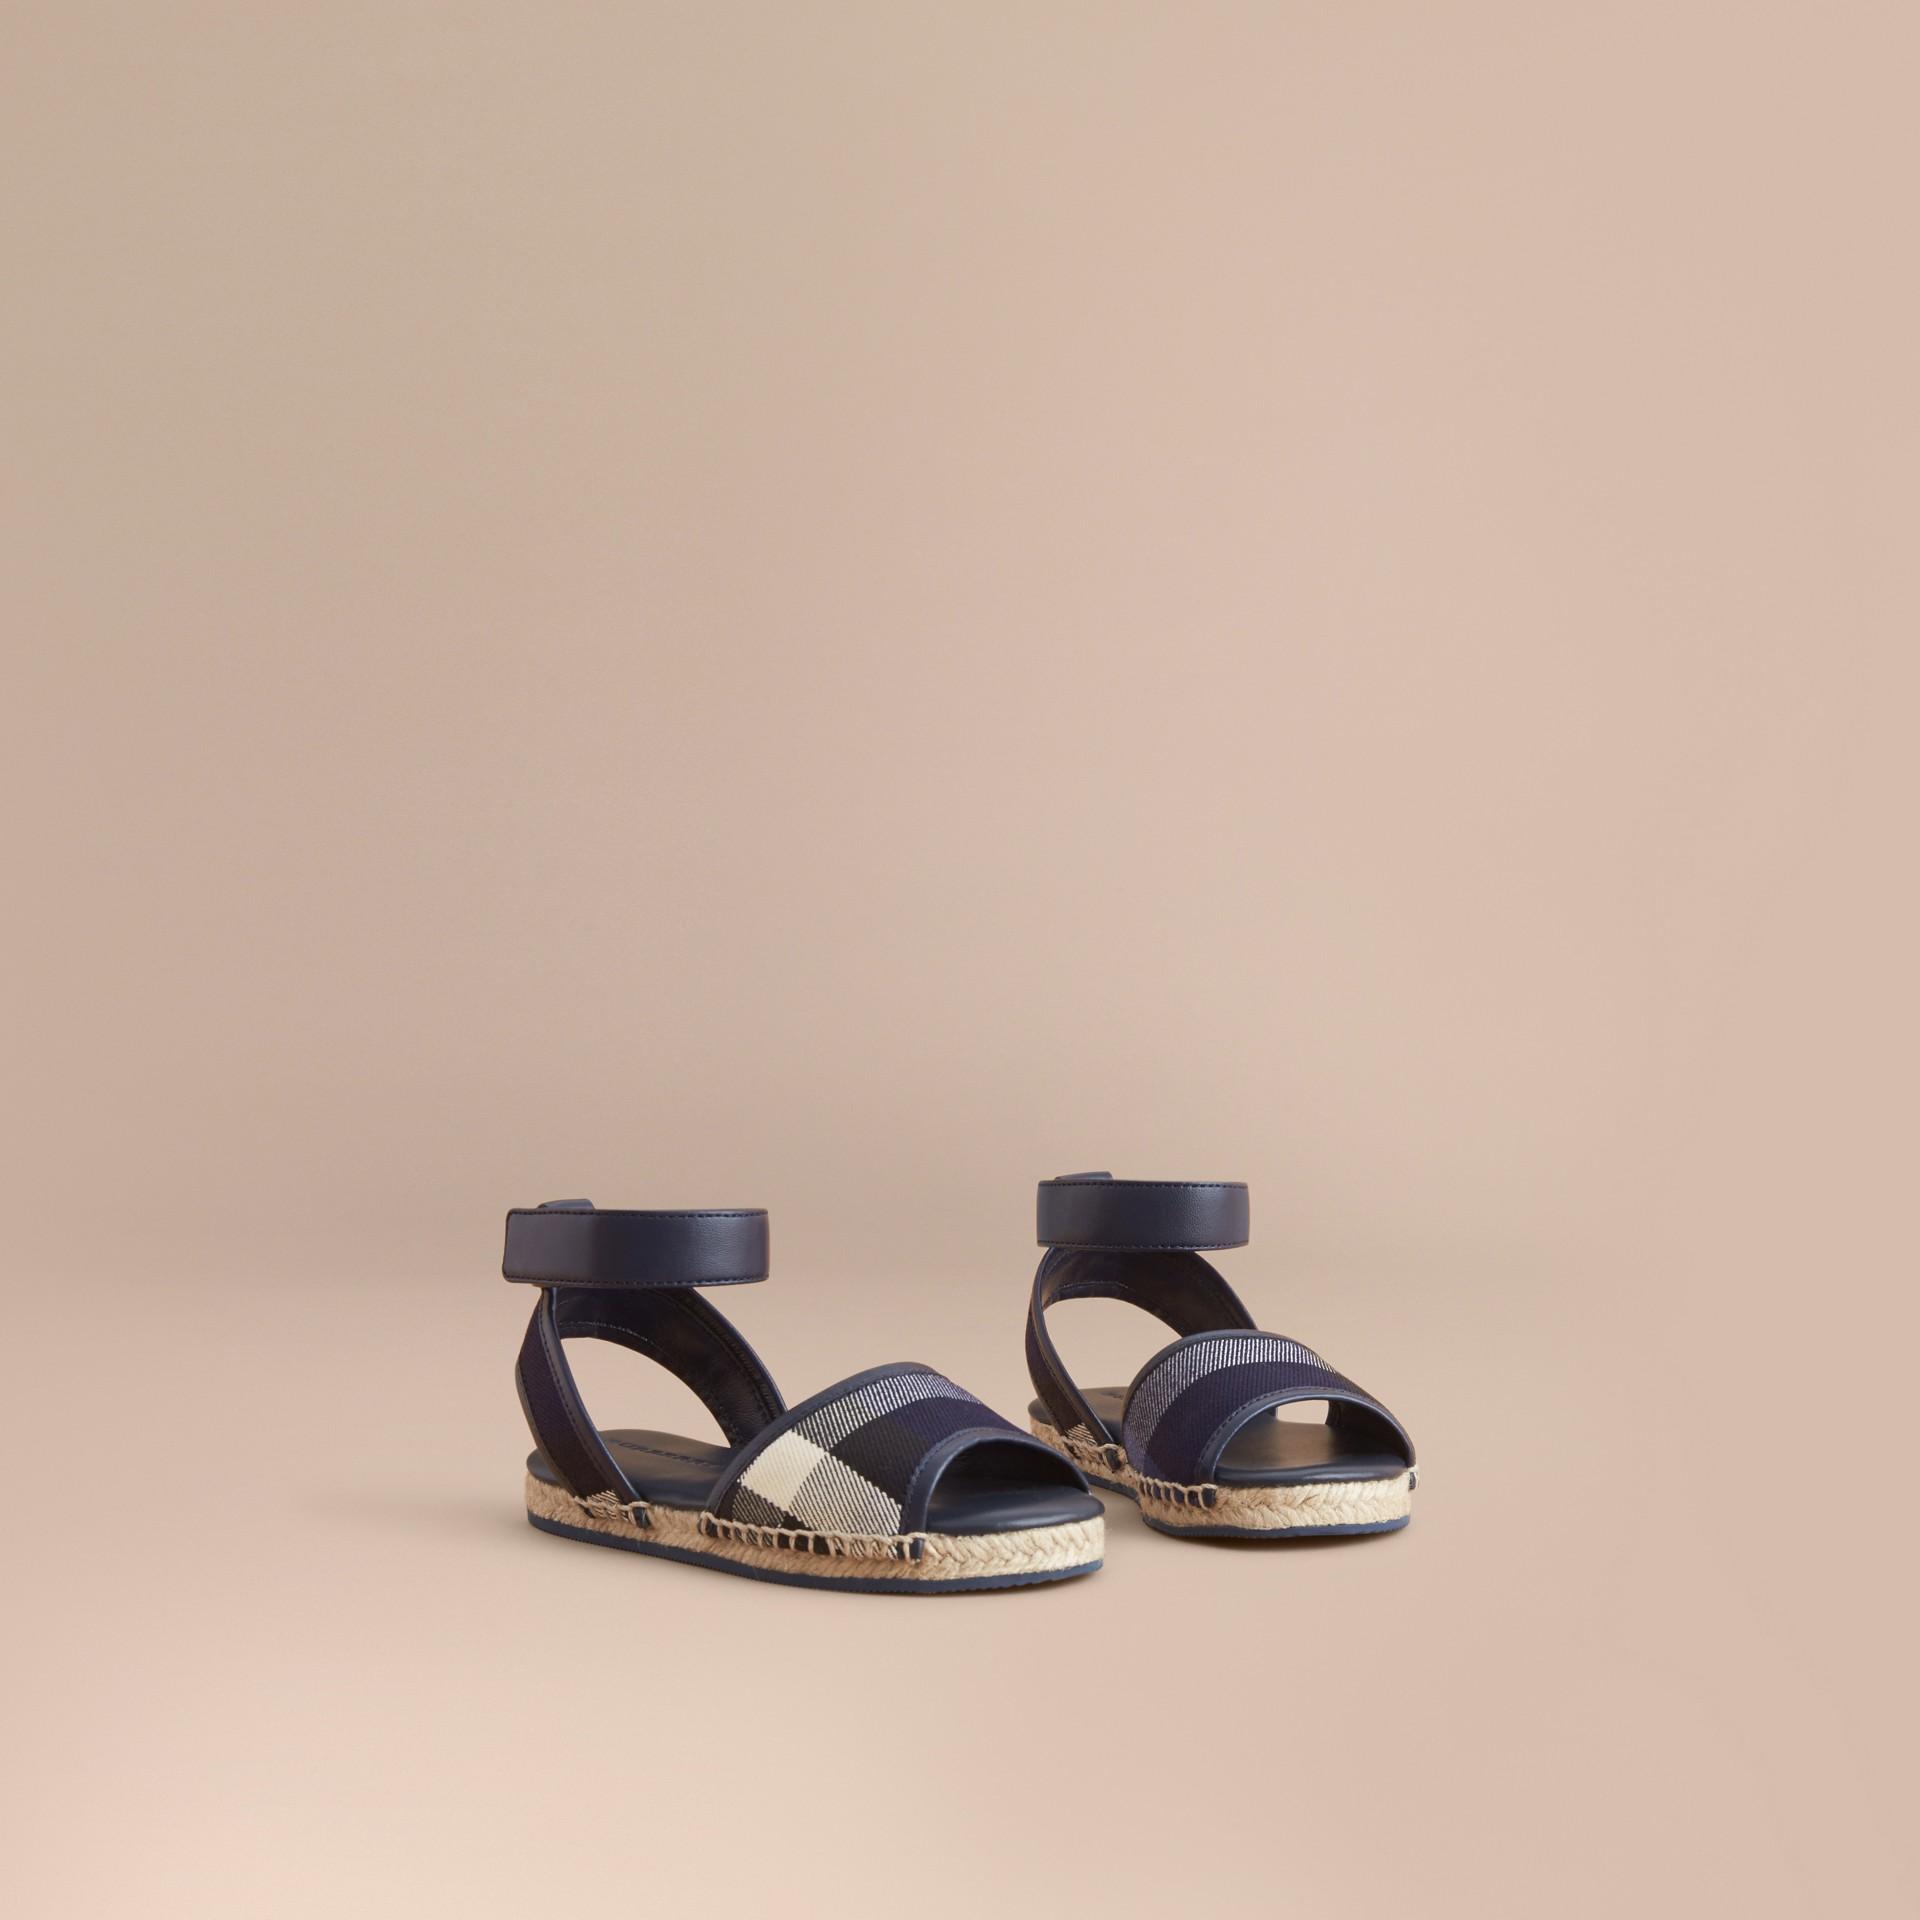 Sandali espadrillas in cotone con motivo House check e cinturino alla caviglia in pelle (Zaffiro Intenso) | Burberry - immagine della galleria 0